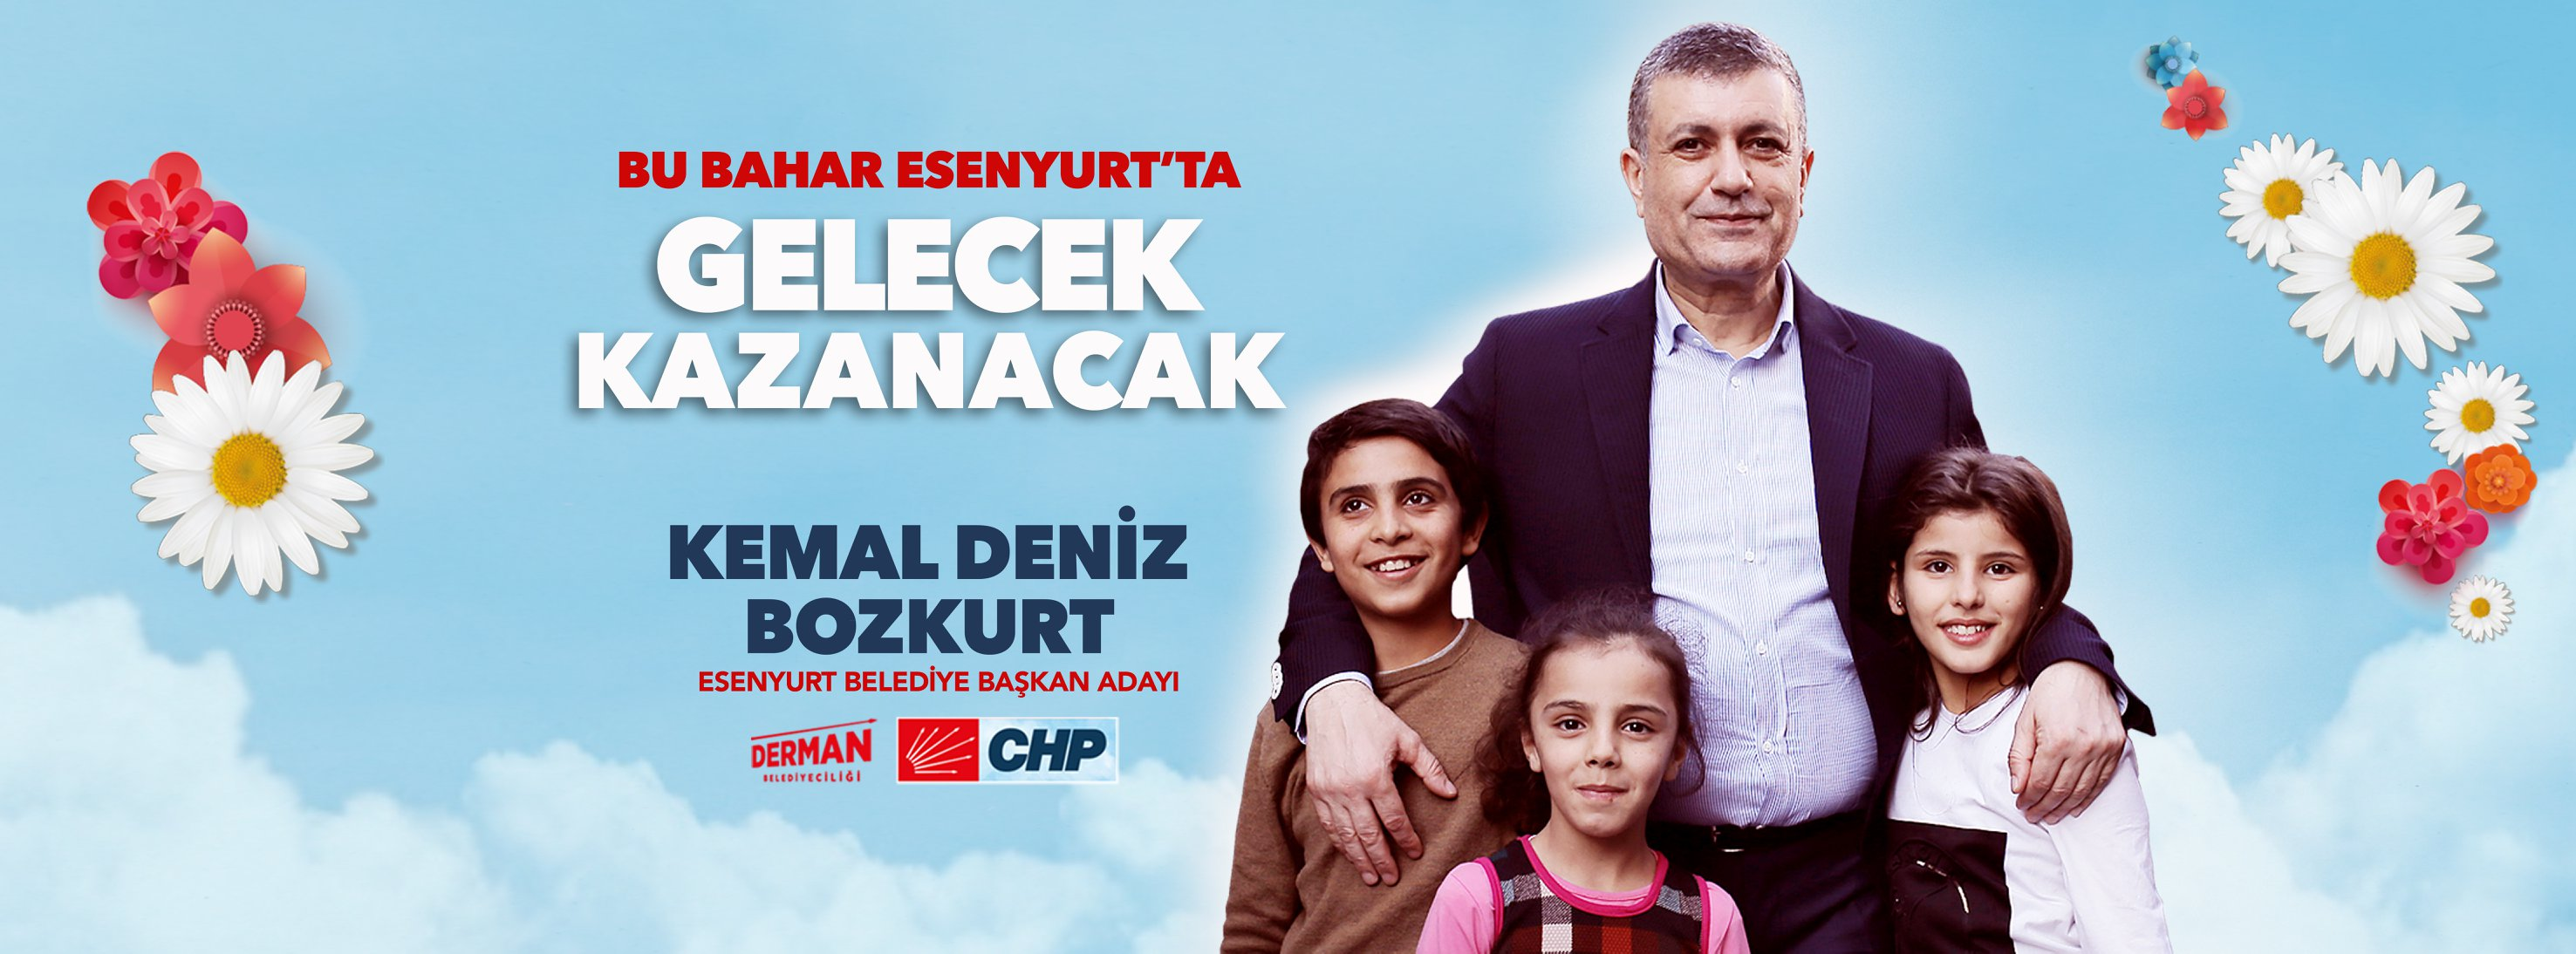 Kemal Deniz Bozkurt Esenyurt'ta Baharı 1 Nisan'da kutlayacak